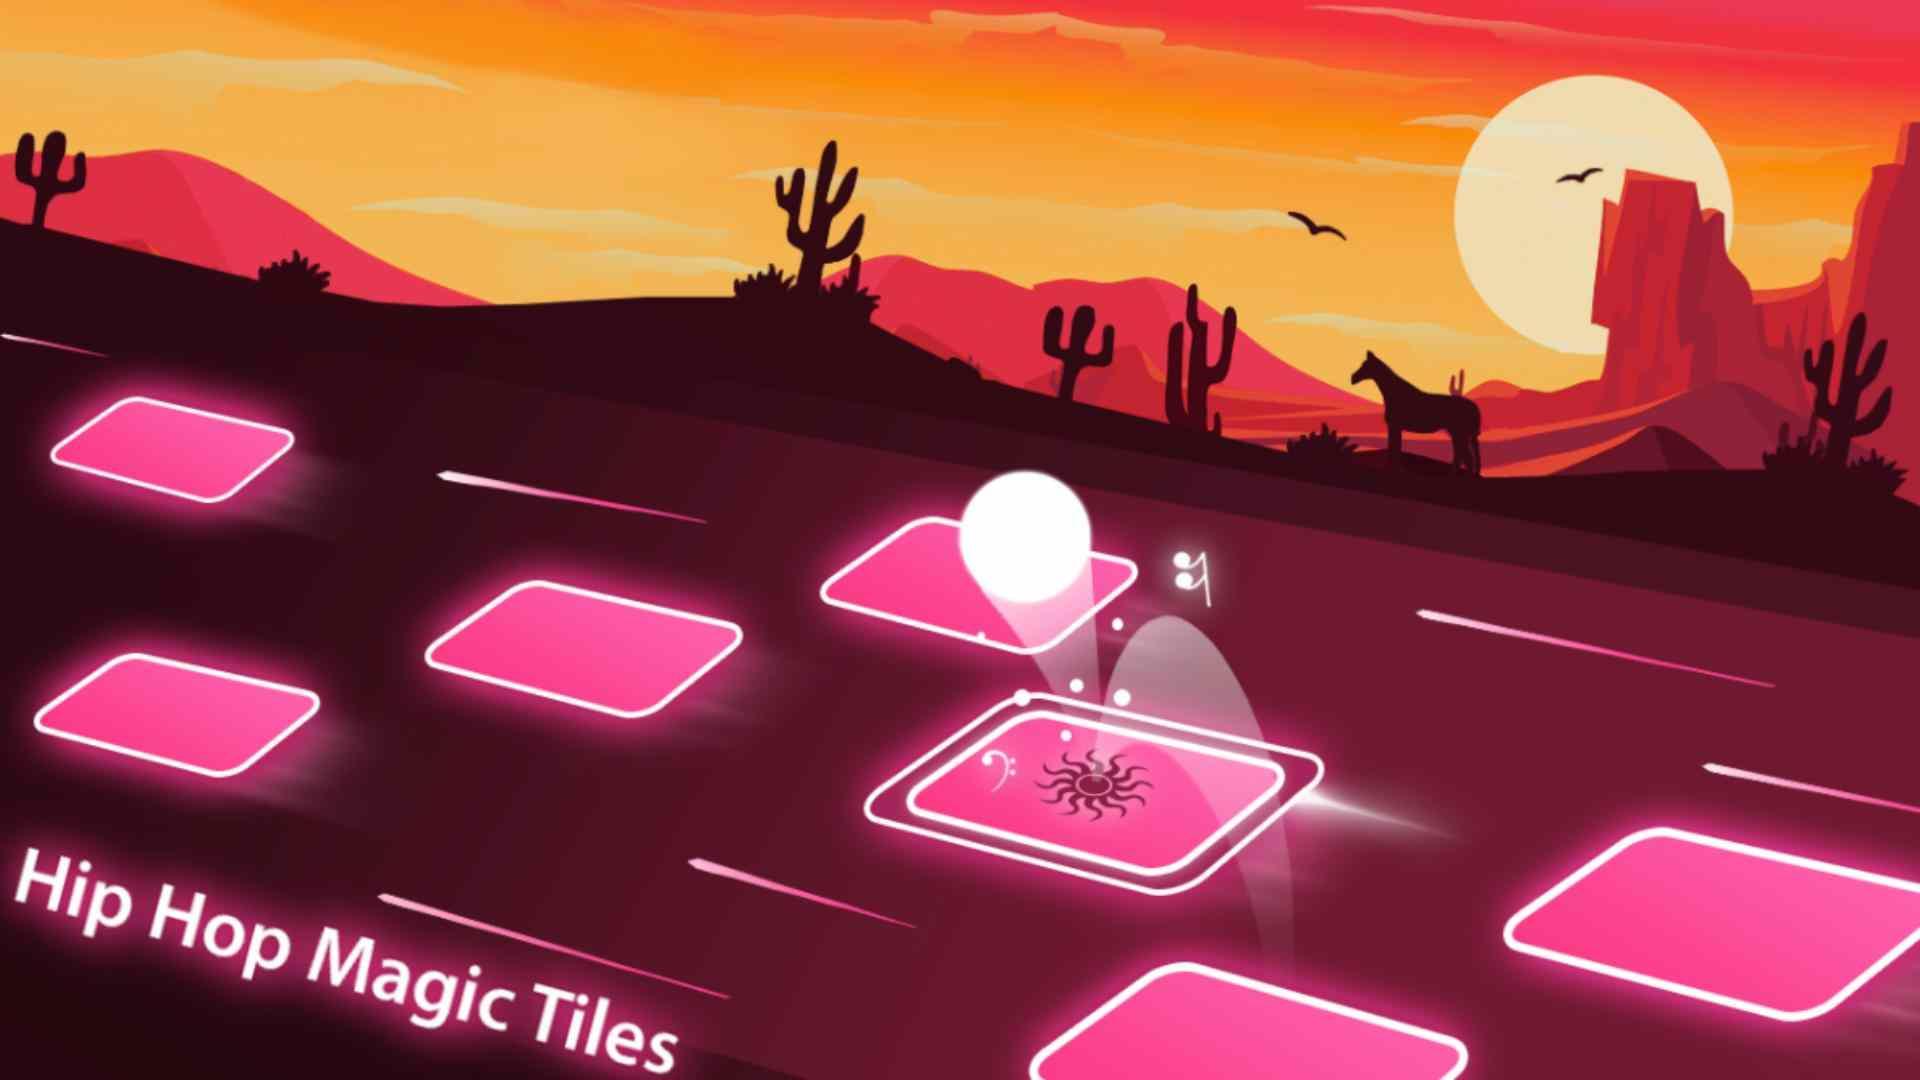 game Tiles Hop mod hack